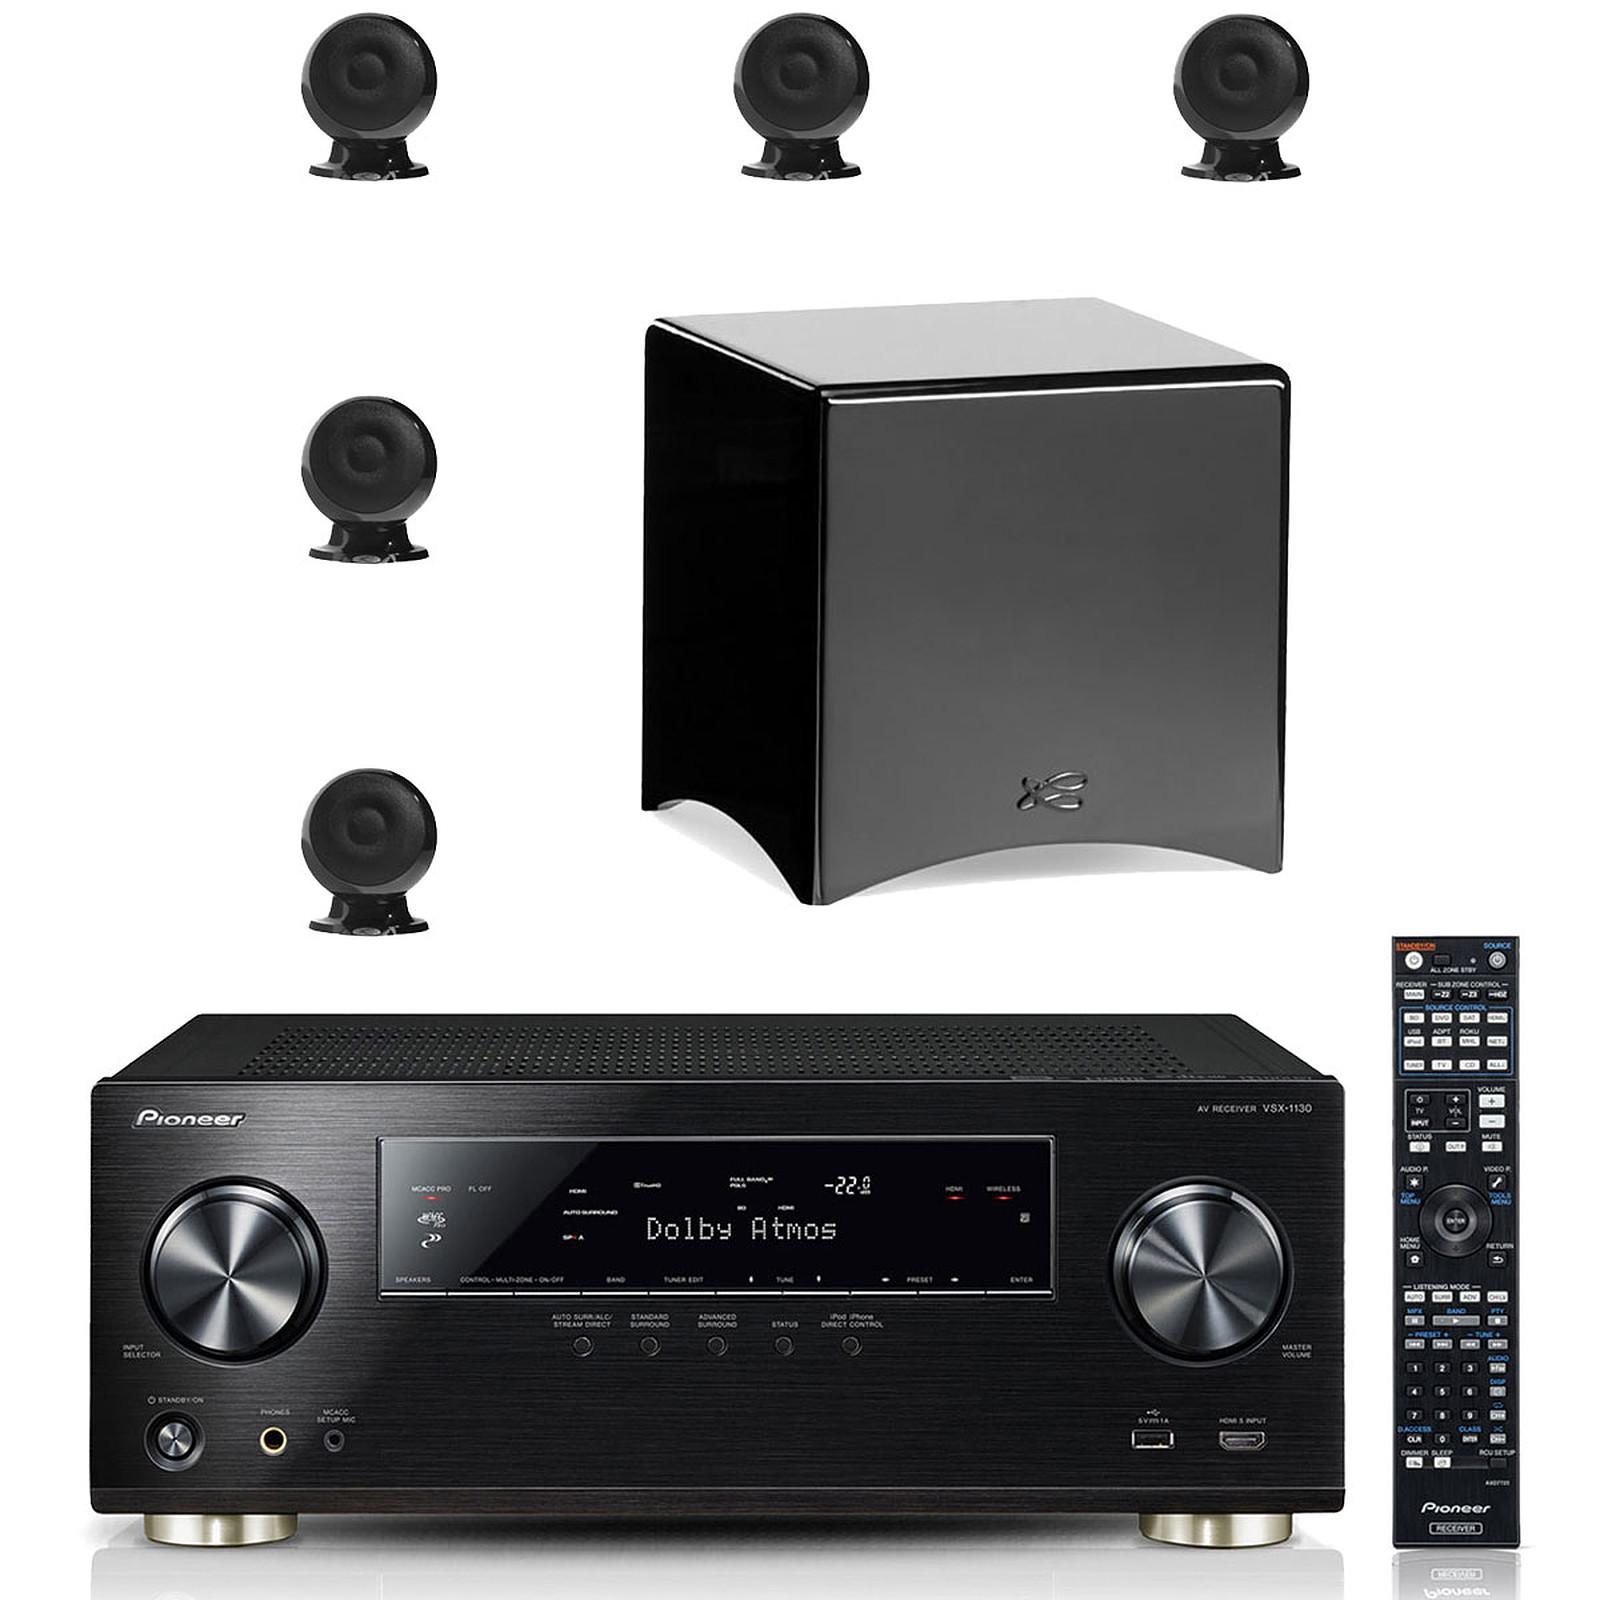 Pioneer VSX-1130-K + Cabasse pack Eole 3 5.1 WS